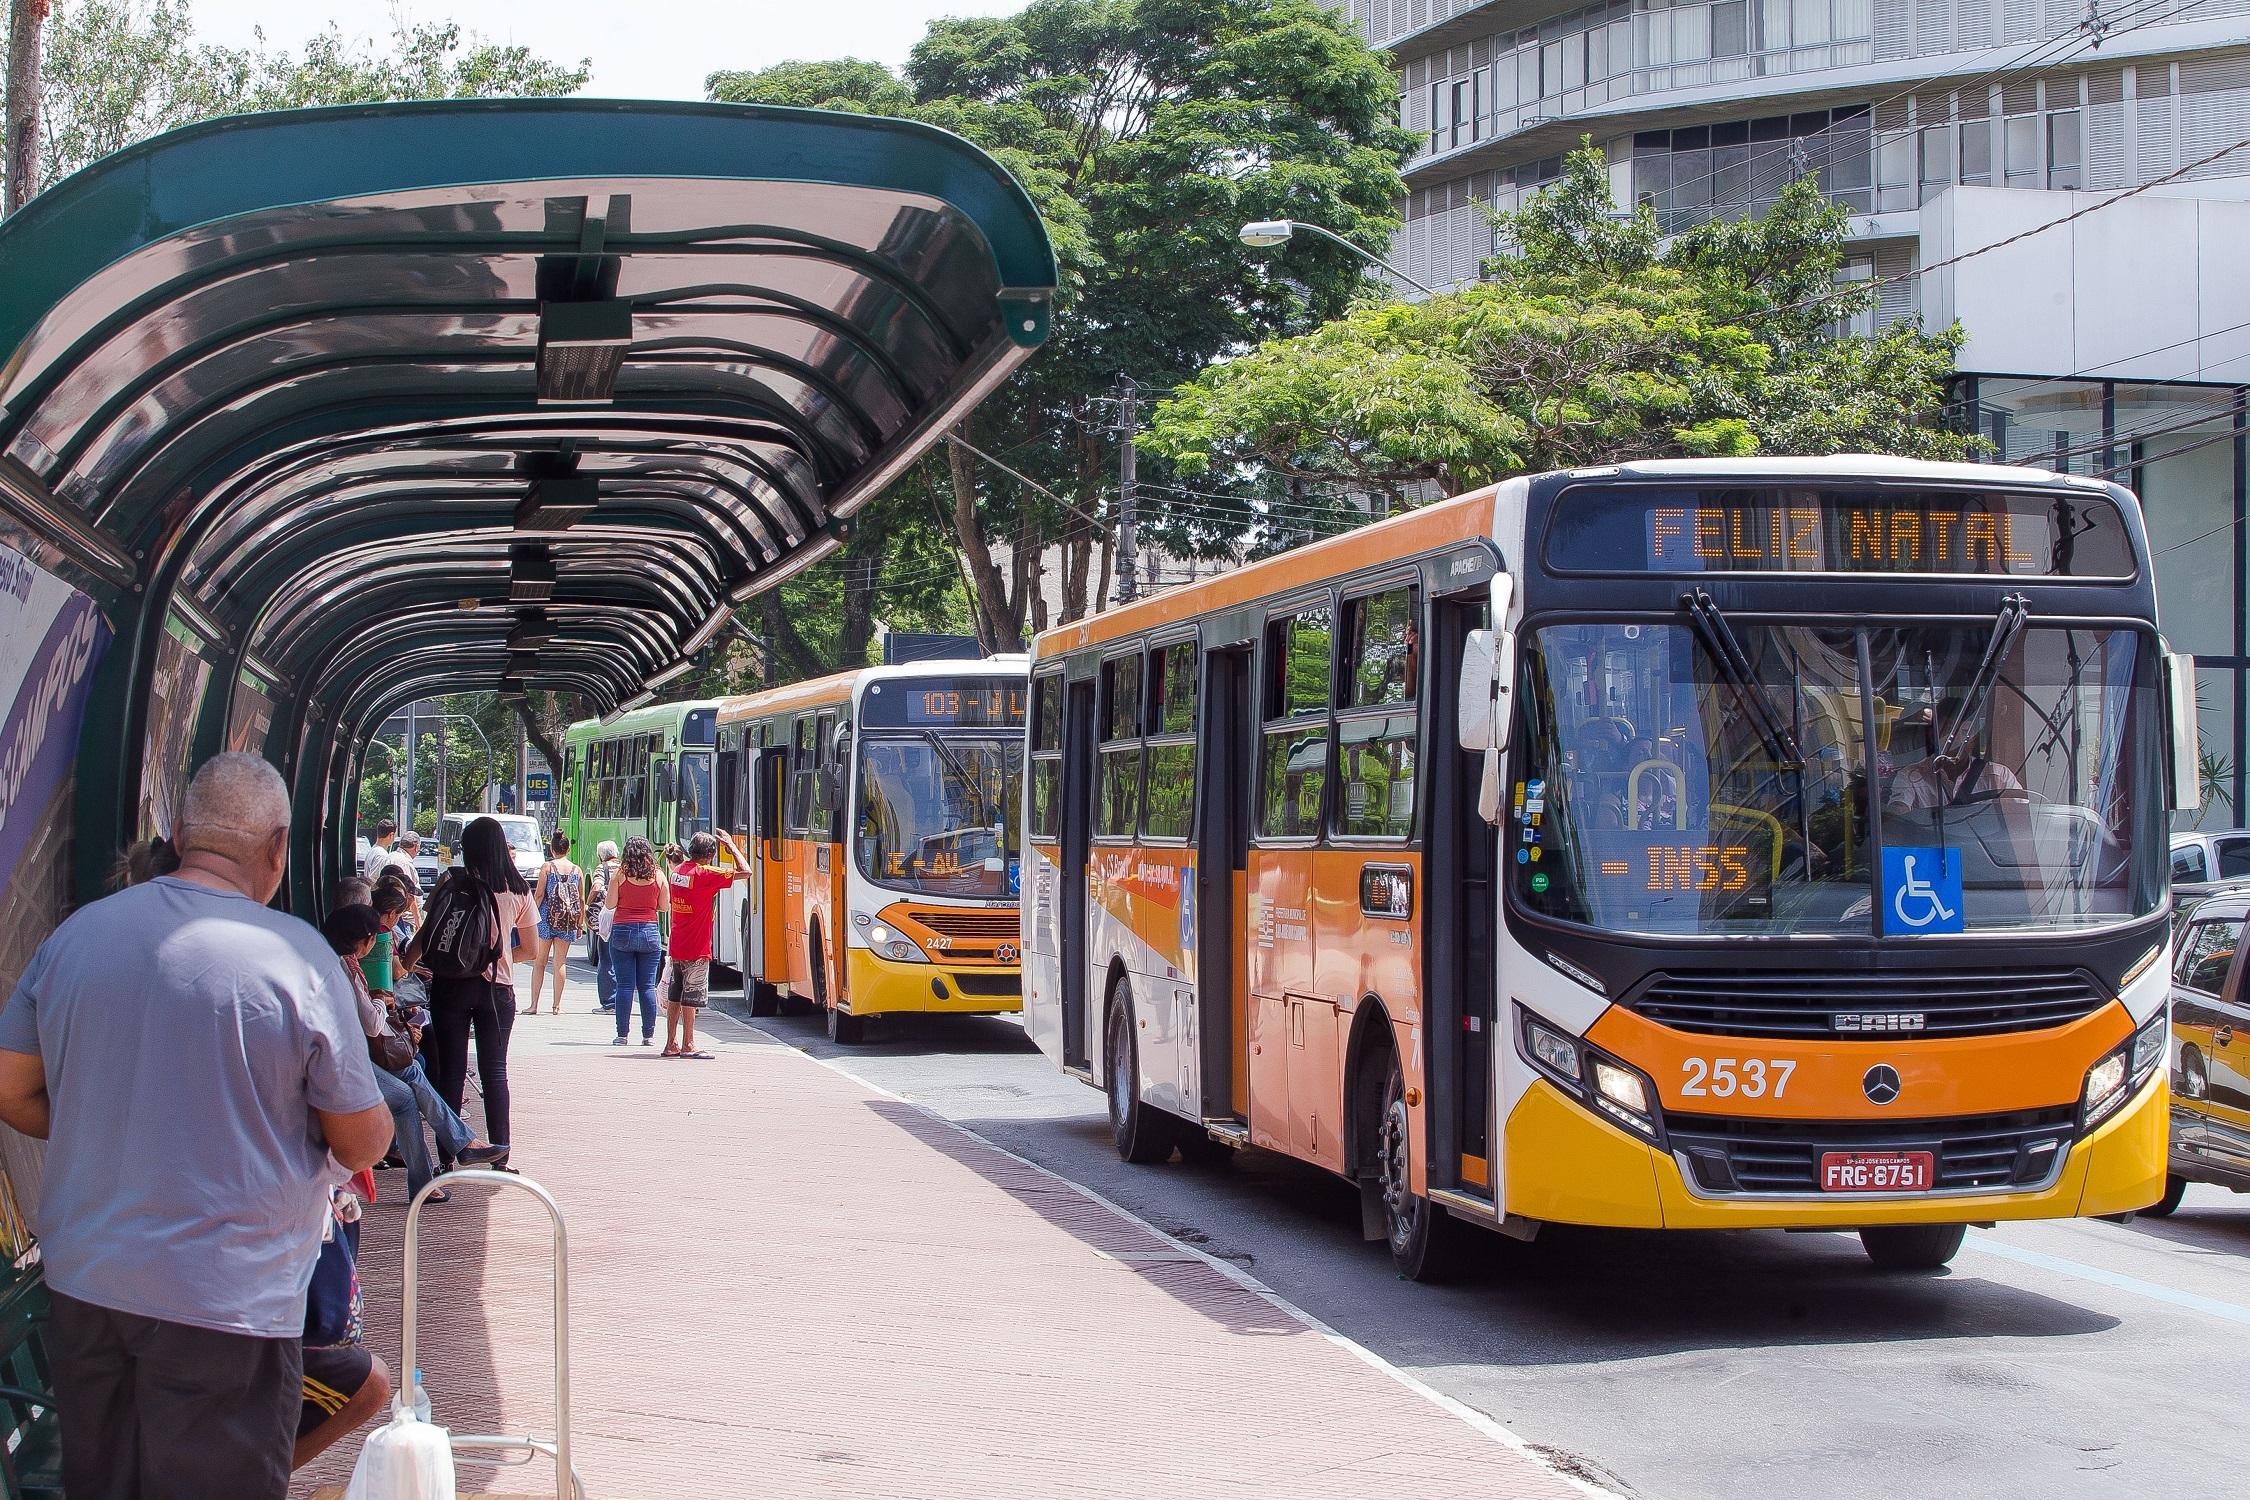 Transporte Público De São José Dos Campos Acusa Perda De Mais De 3